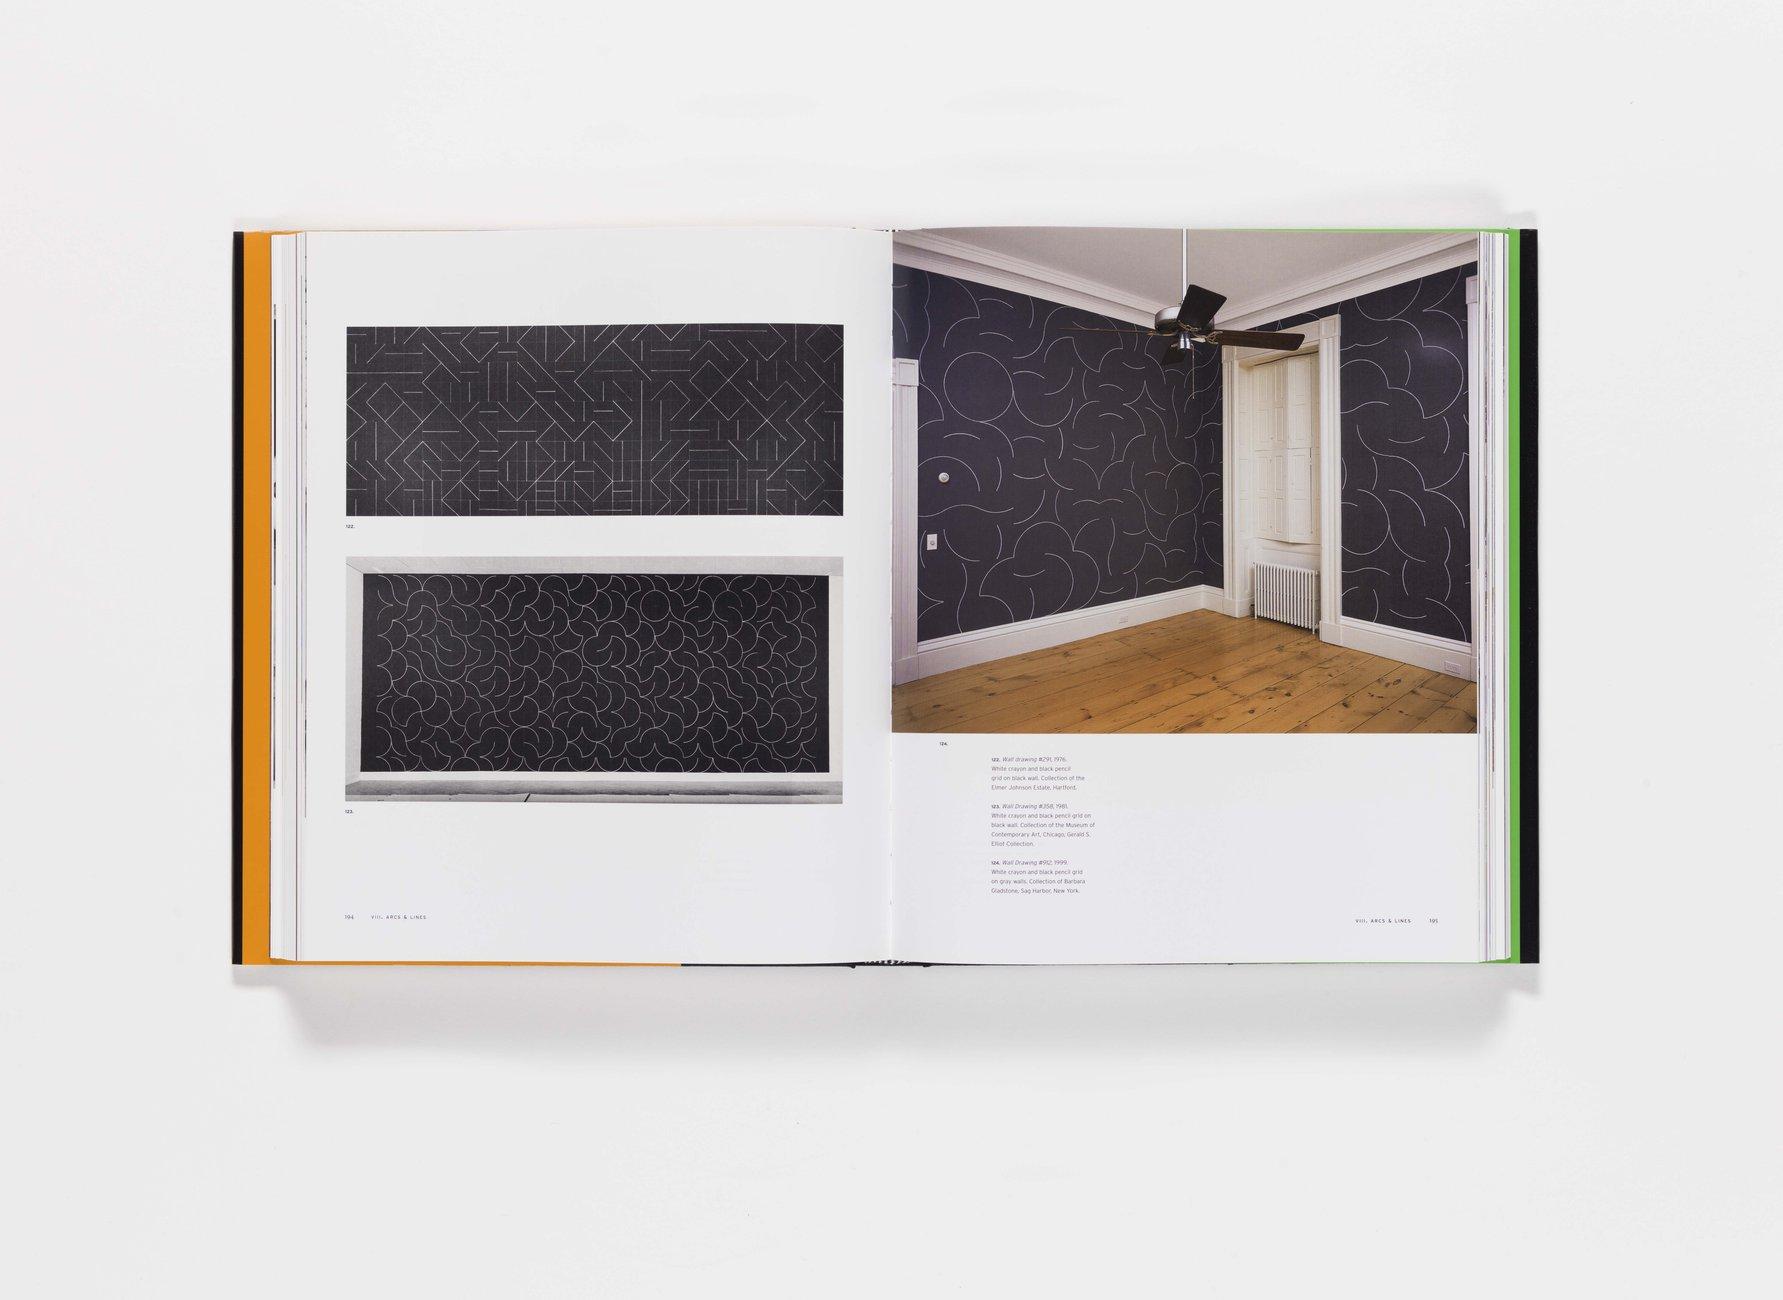 Sol LeWitt publication pages 194-195